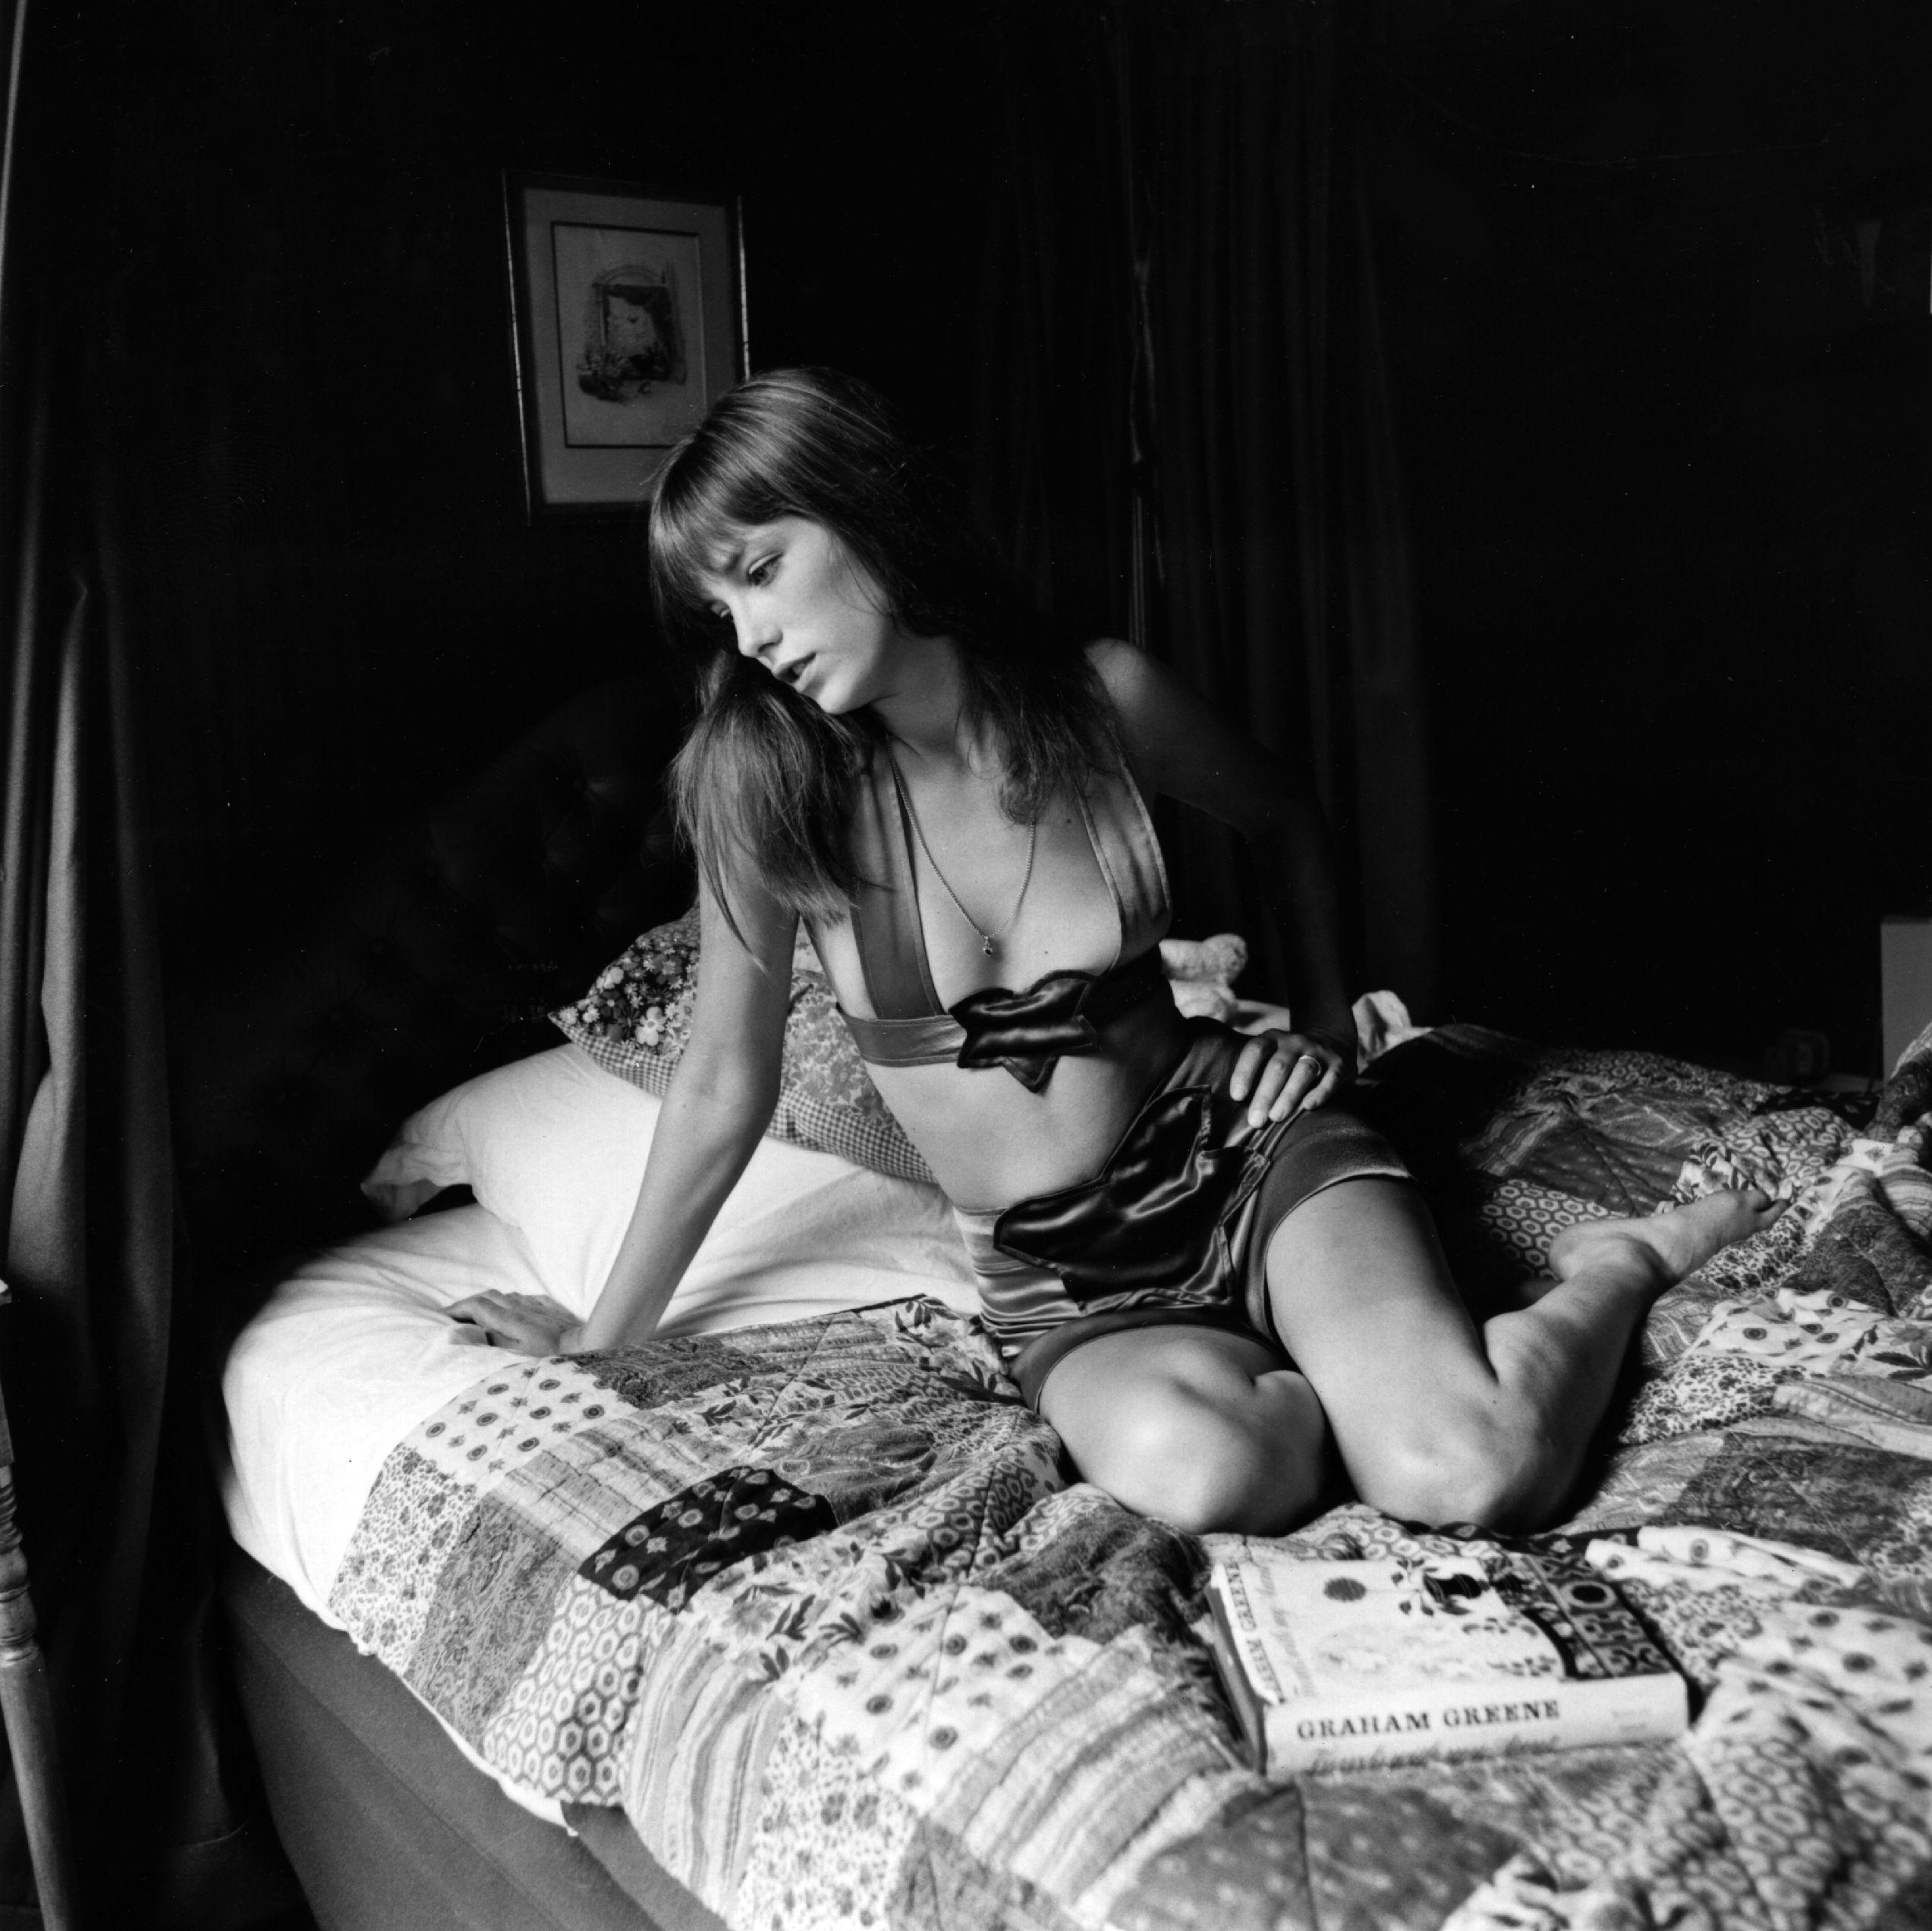 Jane Birkin wusste als Schauspielerin ihre Reize richtig einzusetzen